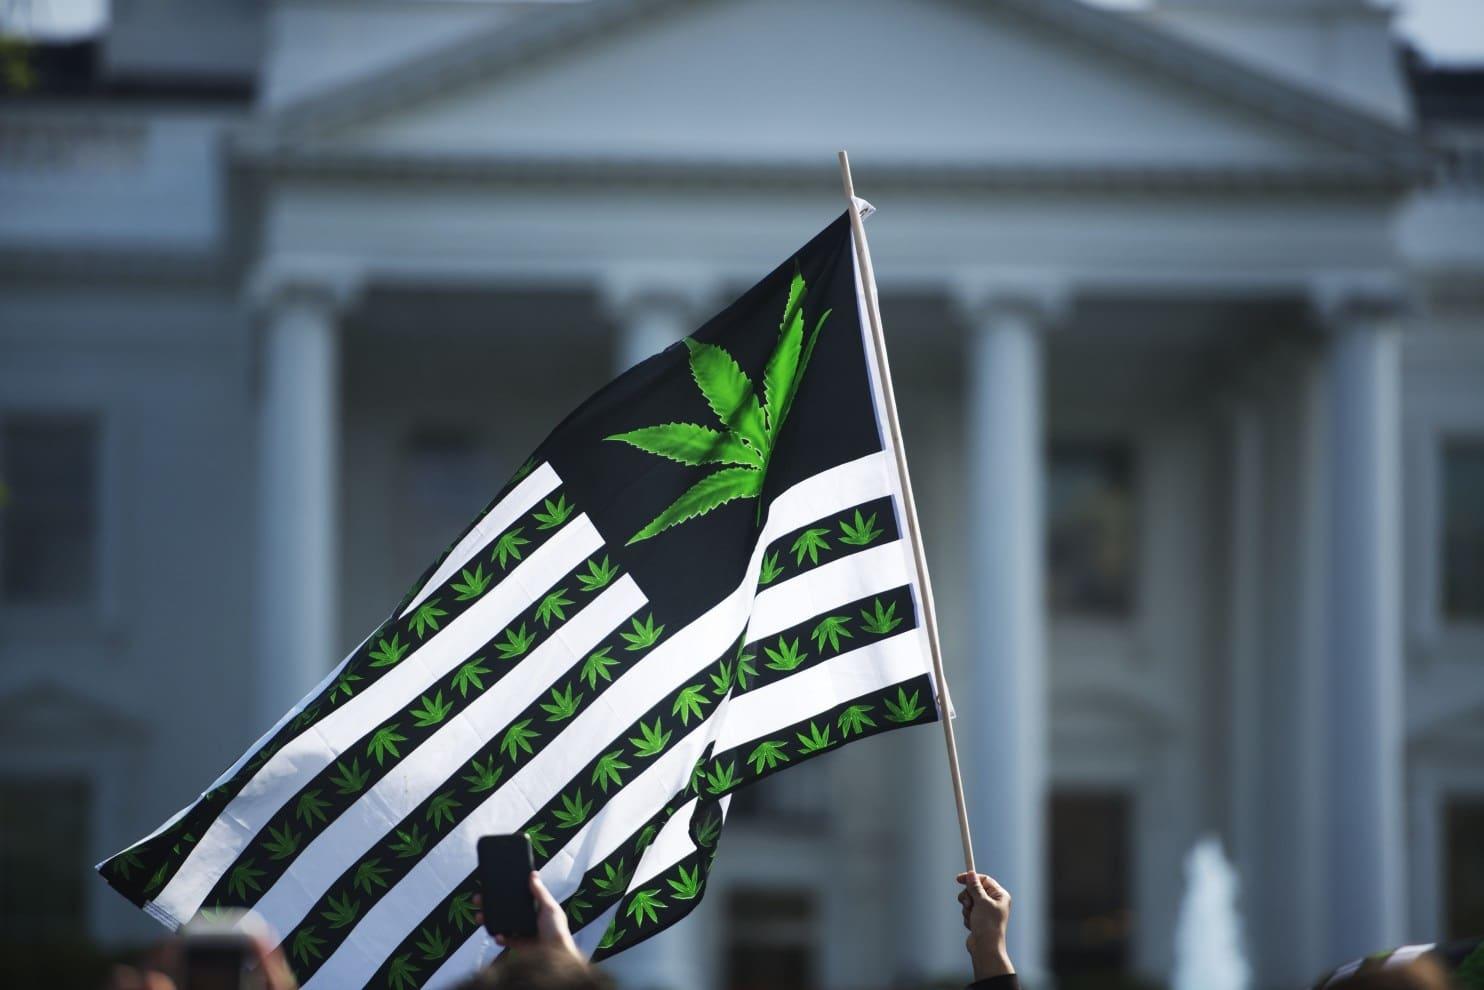 Nación Cannabis | La mayoría de republicanos ya apoyan la legalización de la marihuana en EU